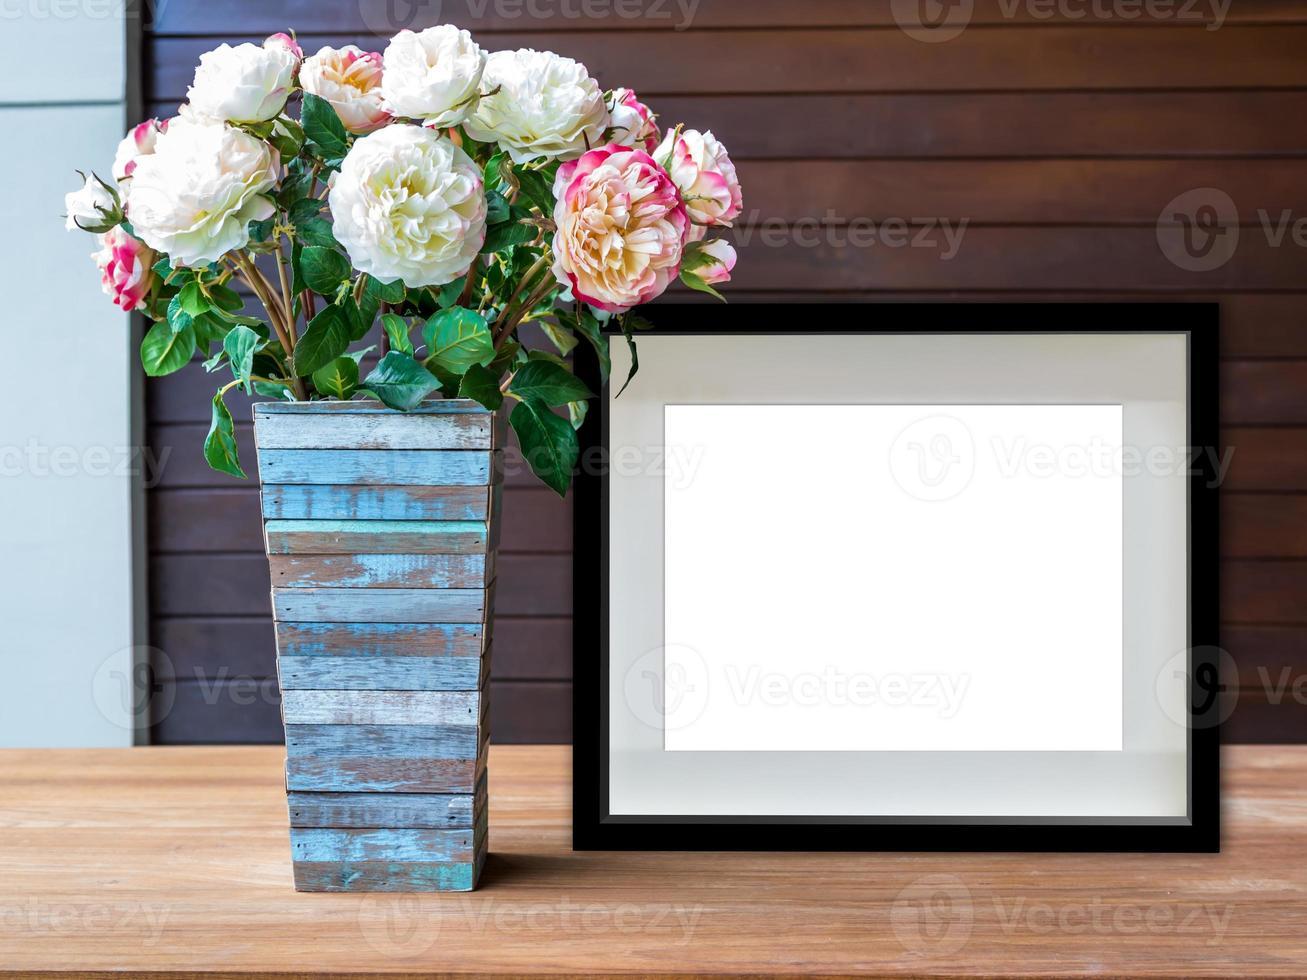 moldura preta em branco e vaso de flores na área de trabalho de madeira foto